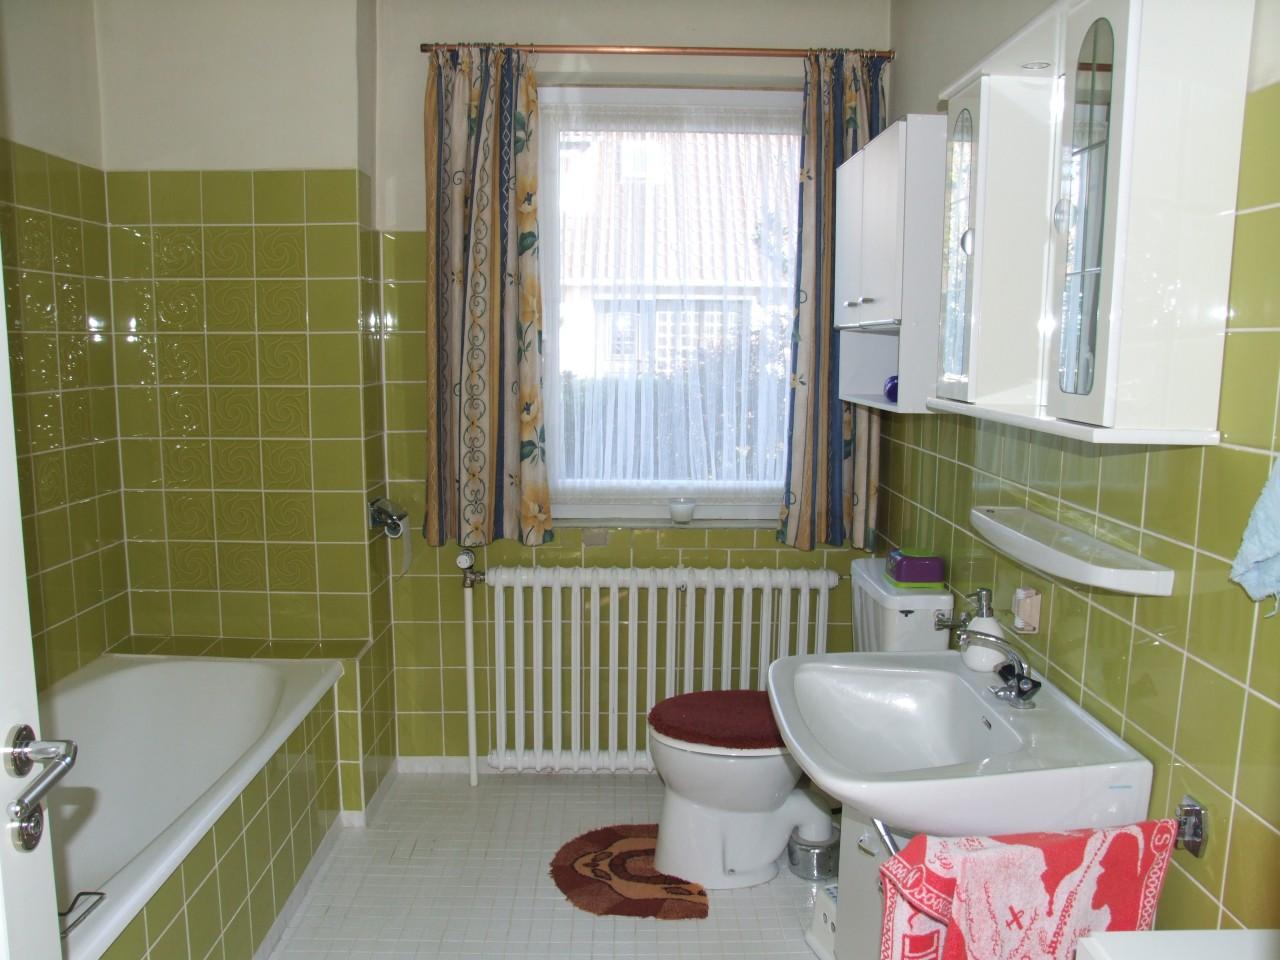 Grünes 70er Jahre Badezimmer Verschönern